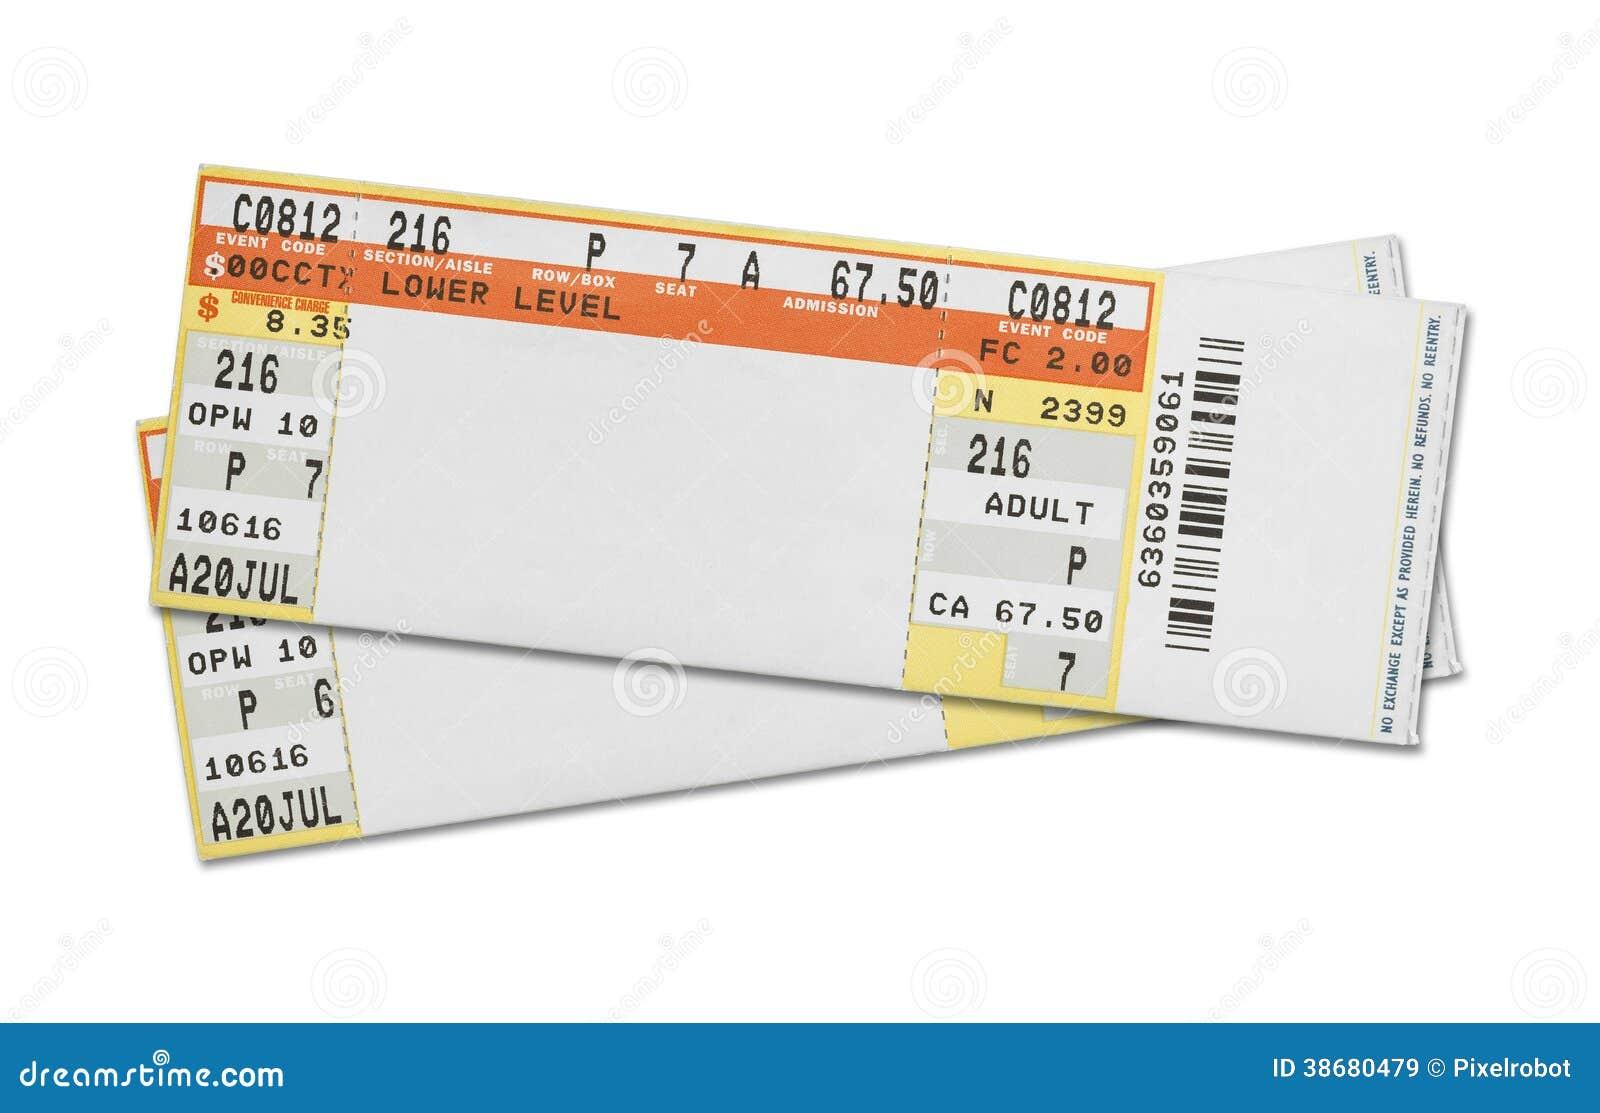 Großartig Konzert Ticket Vorlage Wort Bilder - Beispiel ...